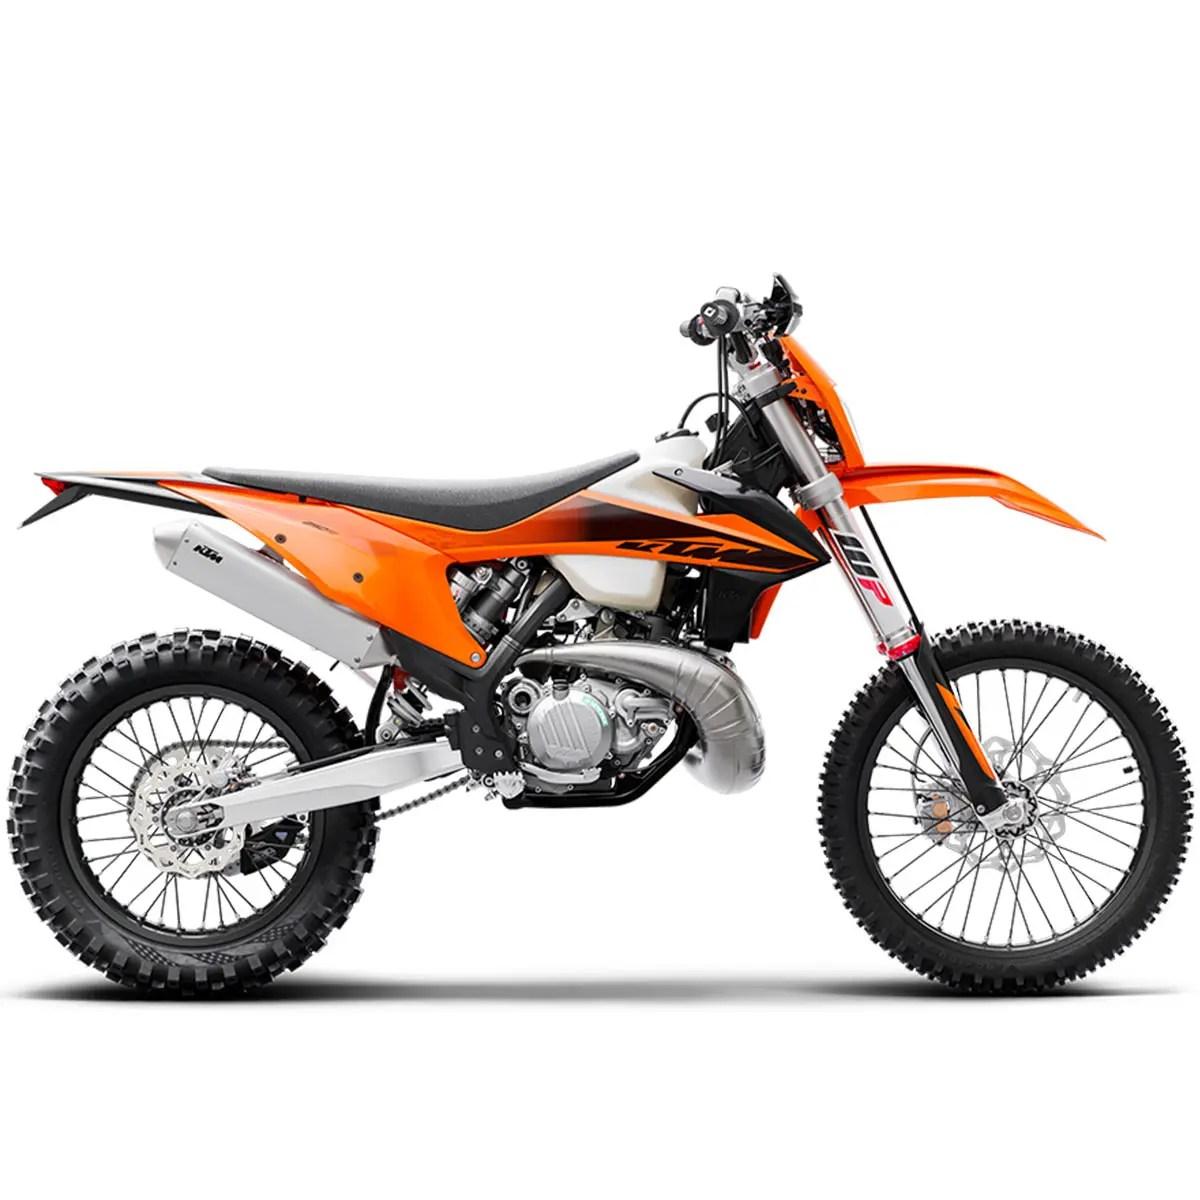 KTM-250-EXC-TPI-2020